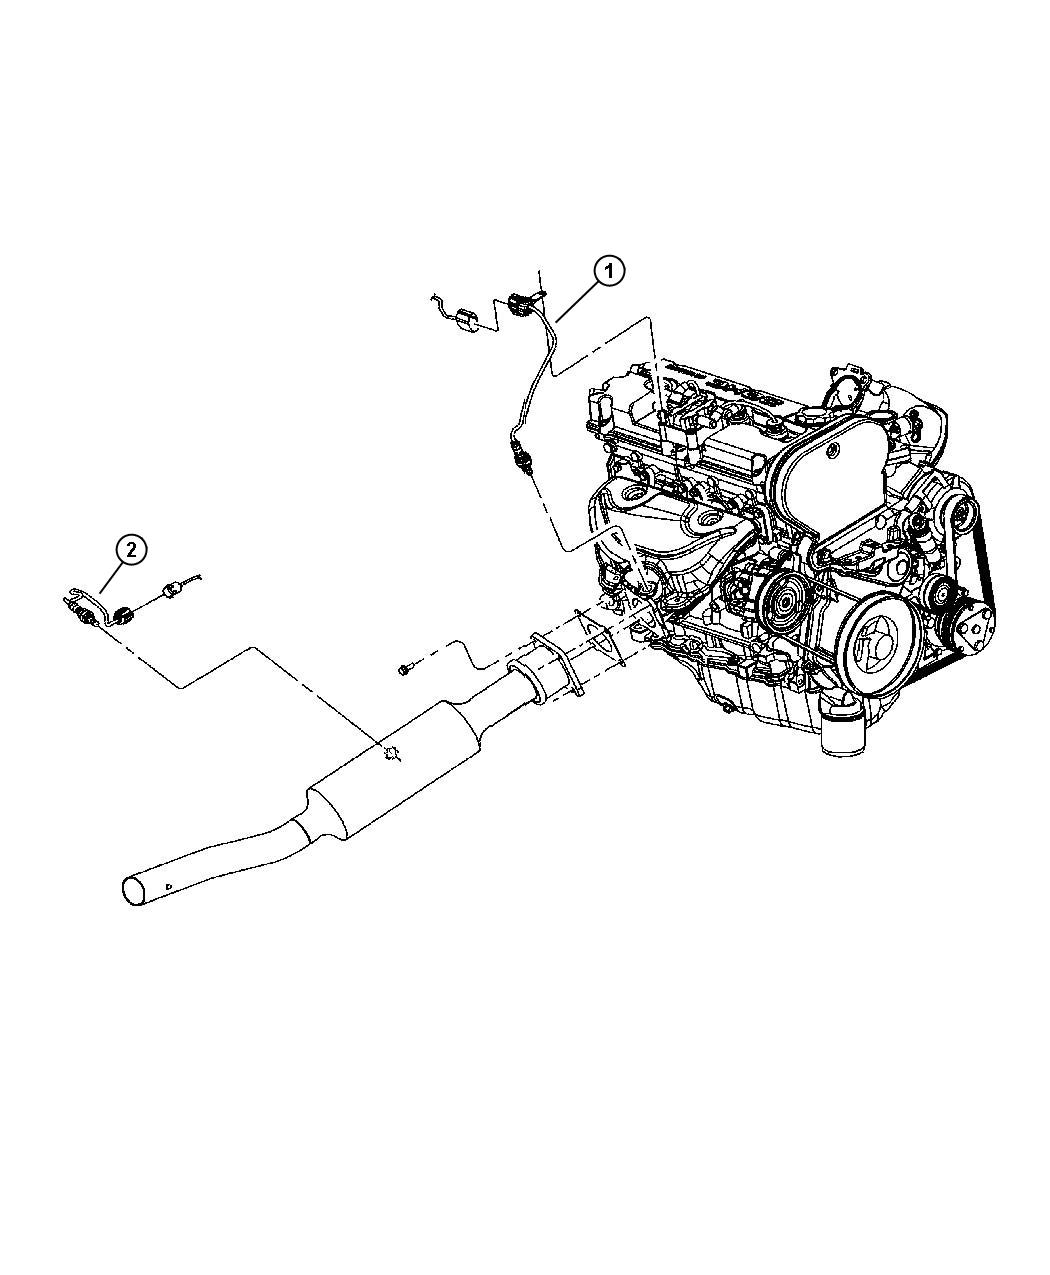 2004 Chrysler Sebring Sensor. Oxygen. Sensors, controller